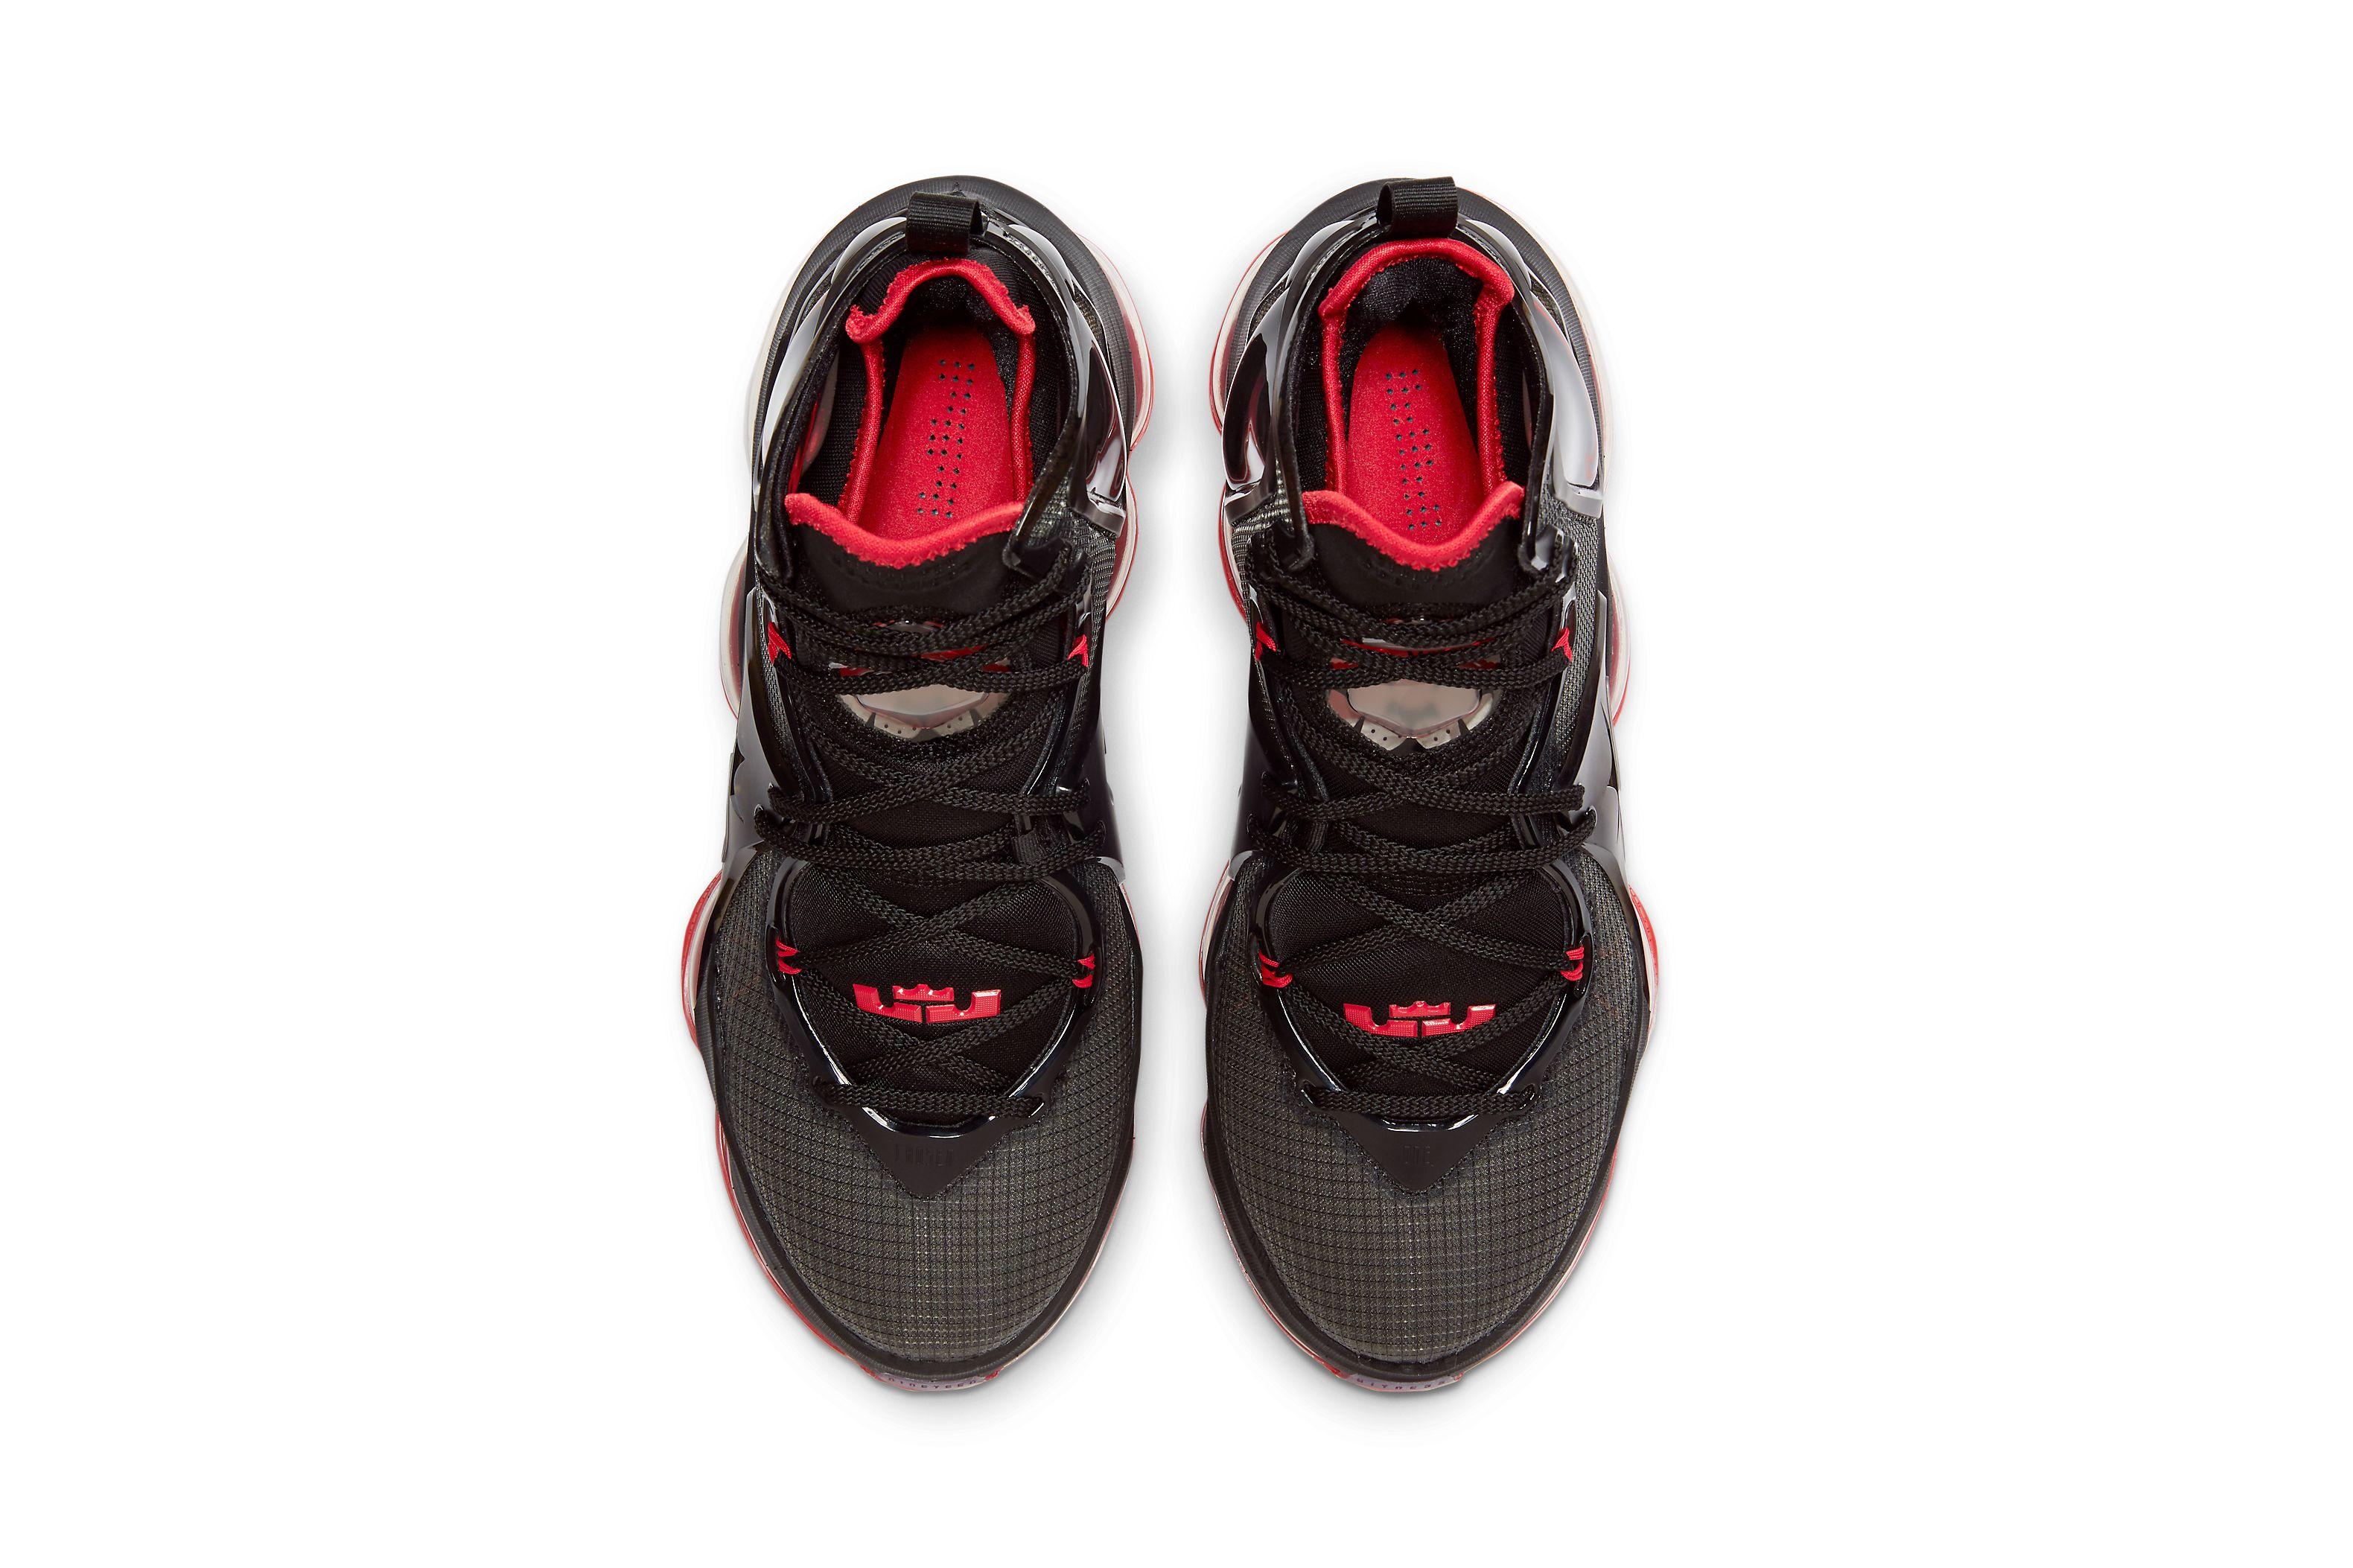 Nike LeBron 19 'Bred'